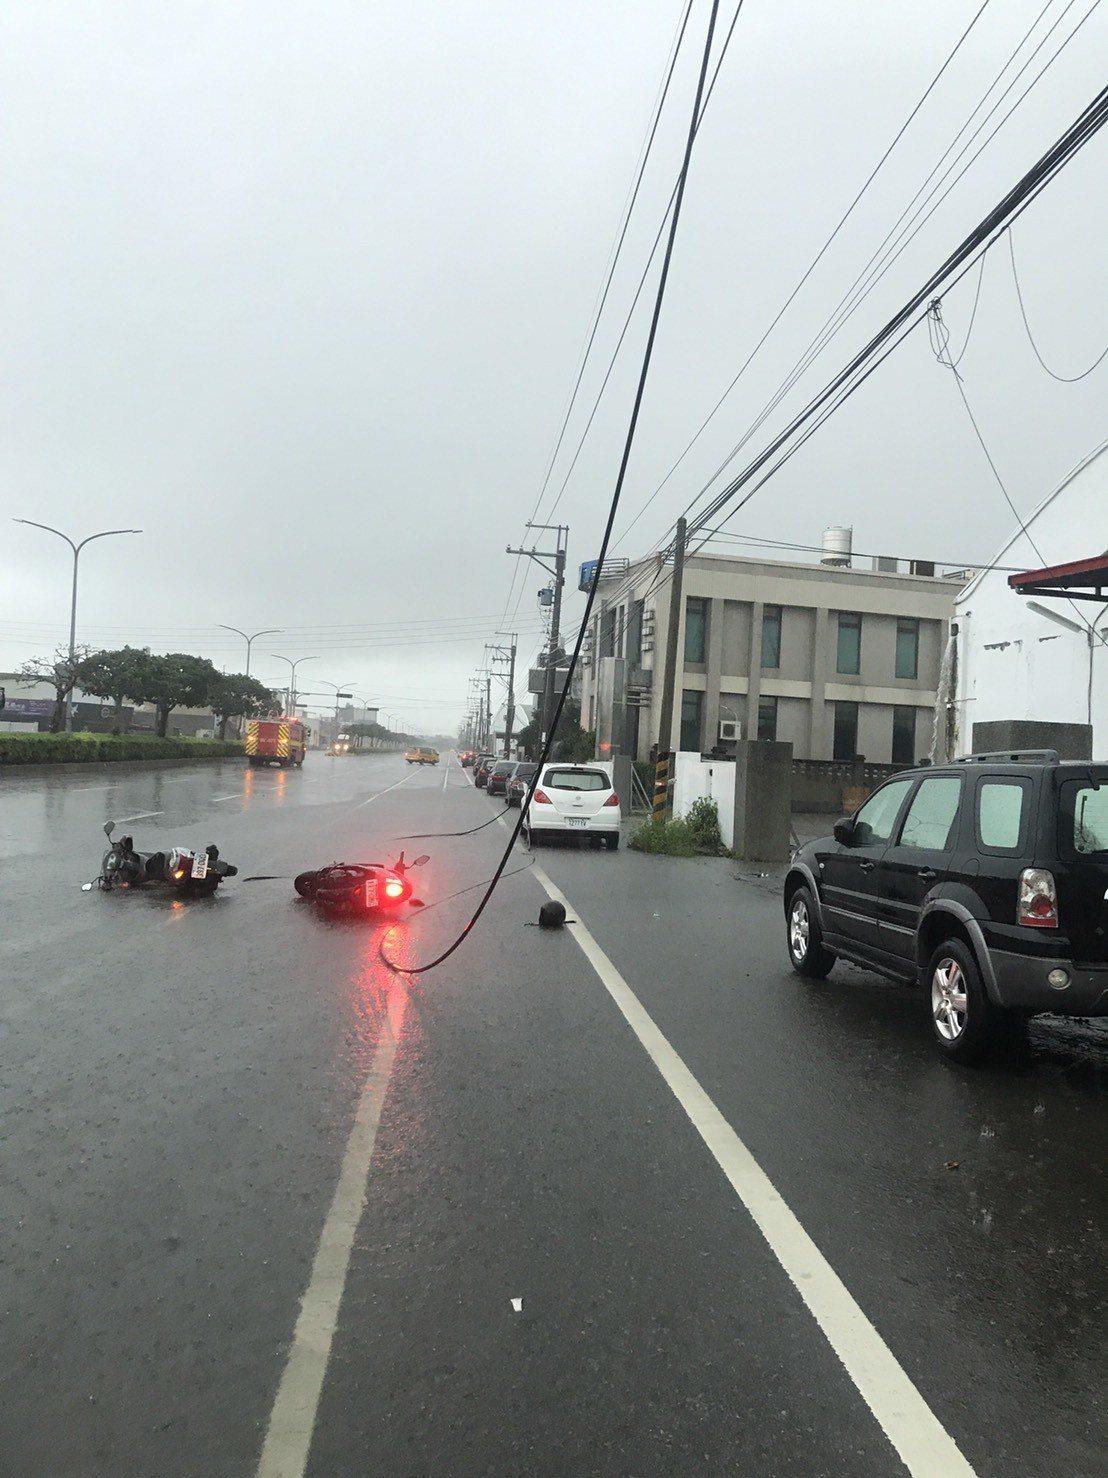 台中騎士觸電摔倒重傷 台電:雷雨打落高壓電線